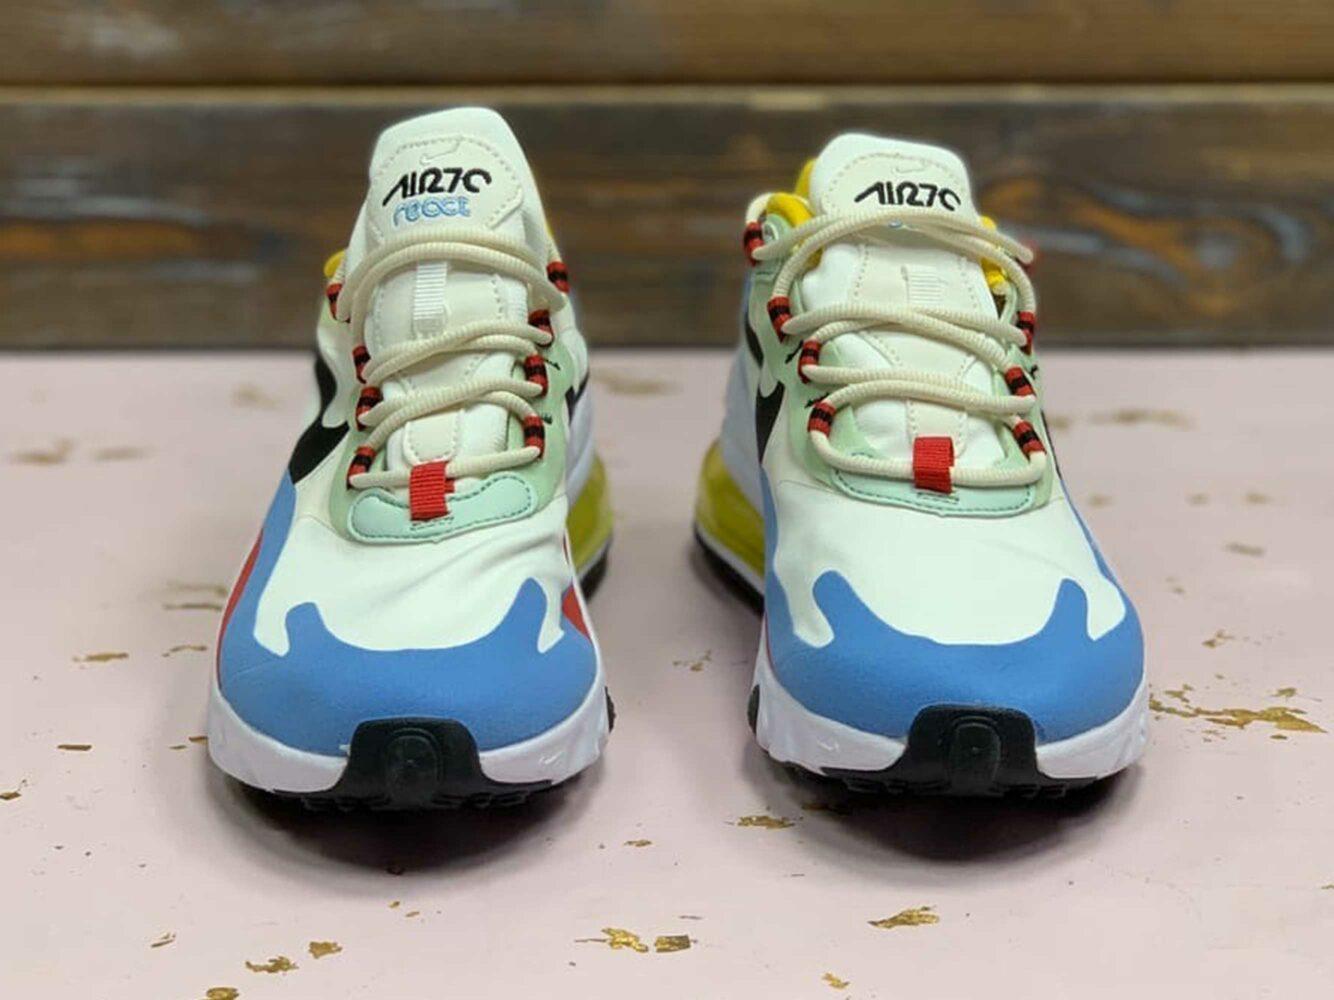 nike air max 270 react white blue AT6174_002 купить